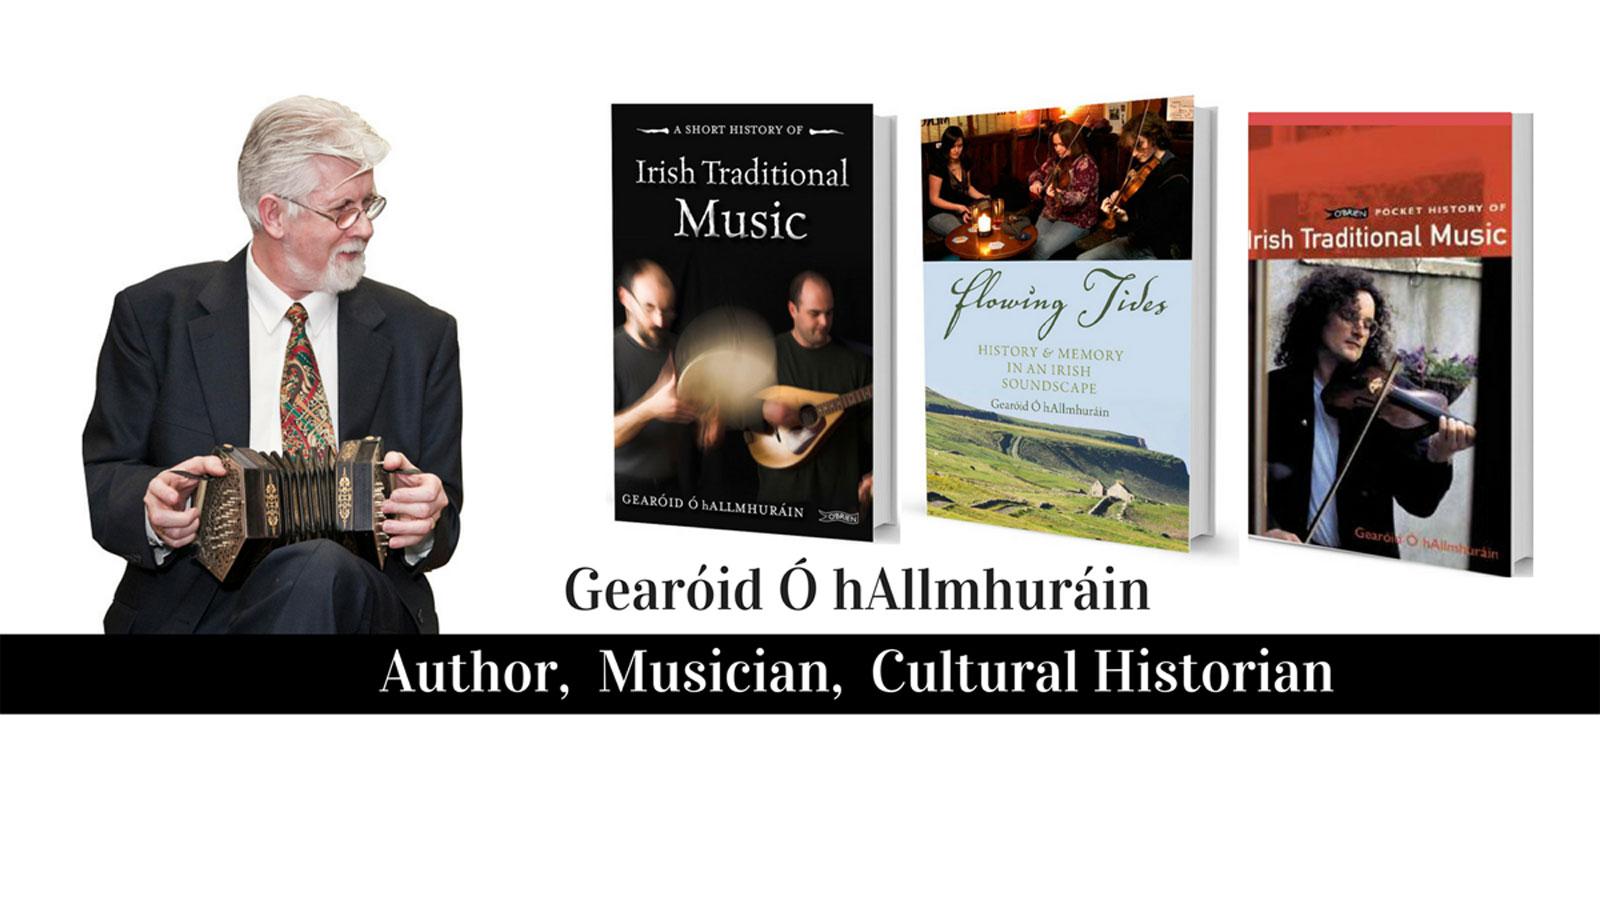 Dr Gearóid Ó hAllmhuráin